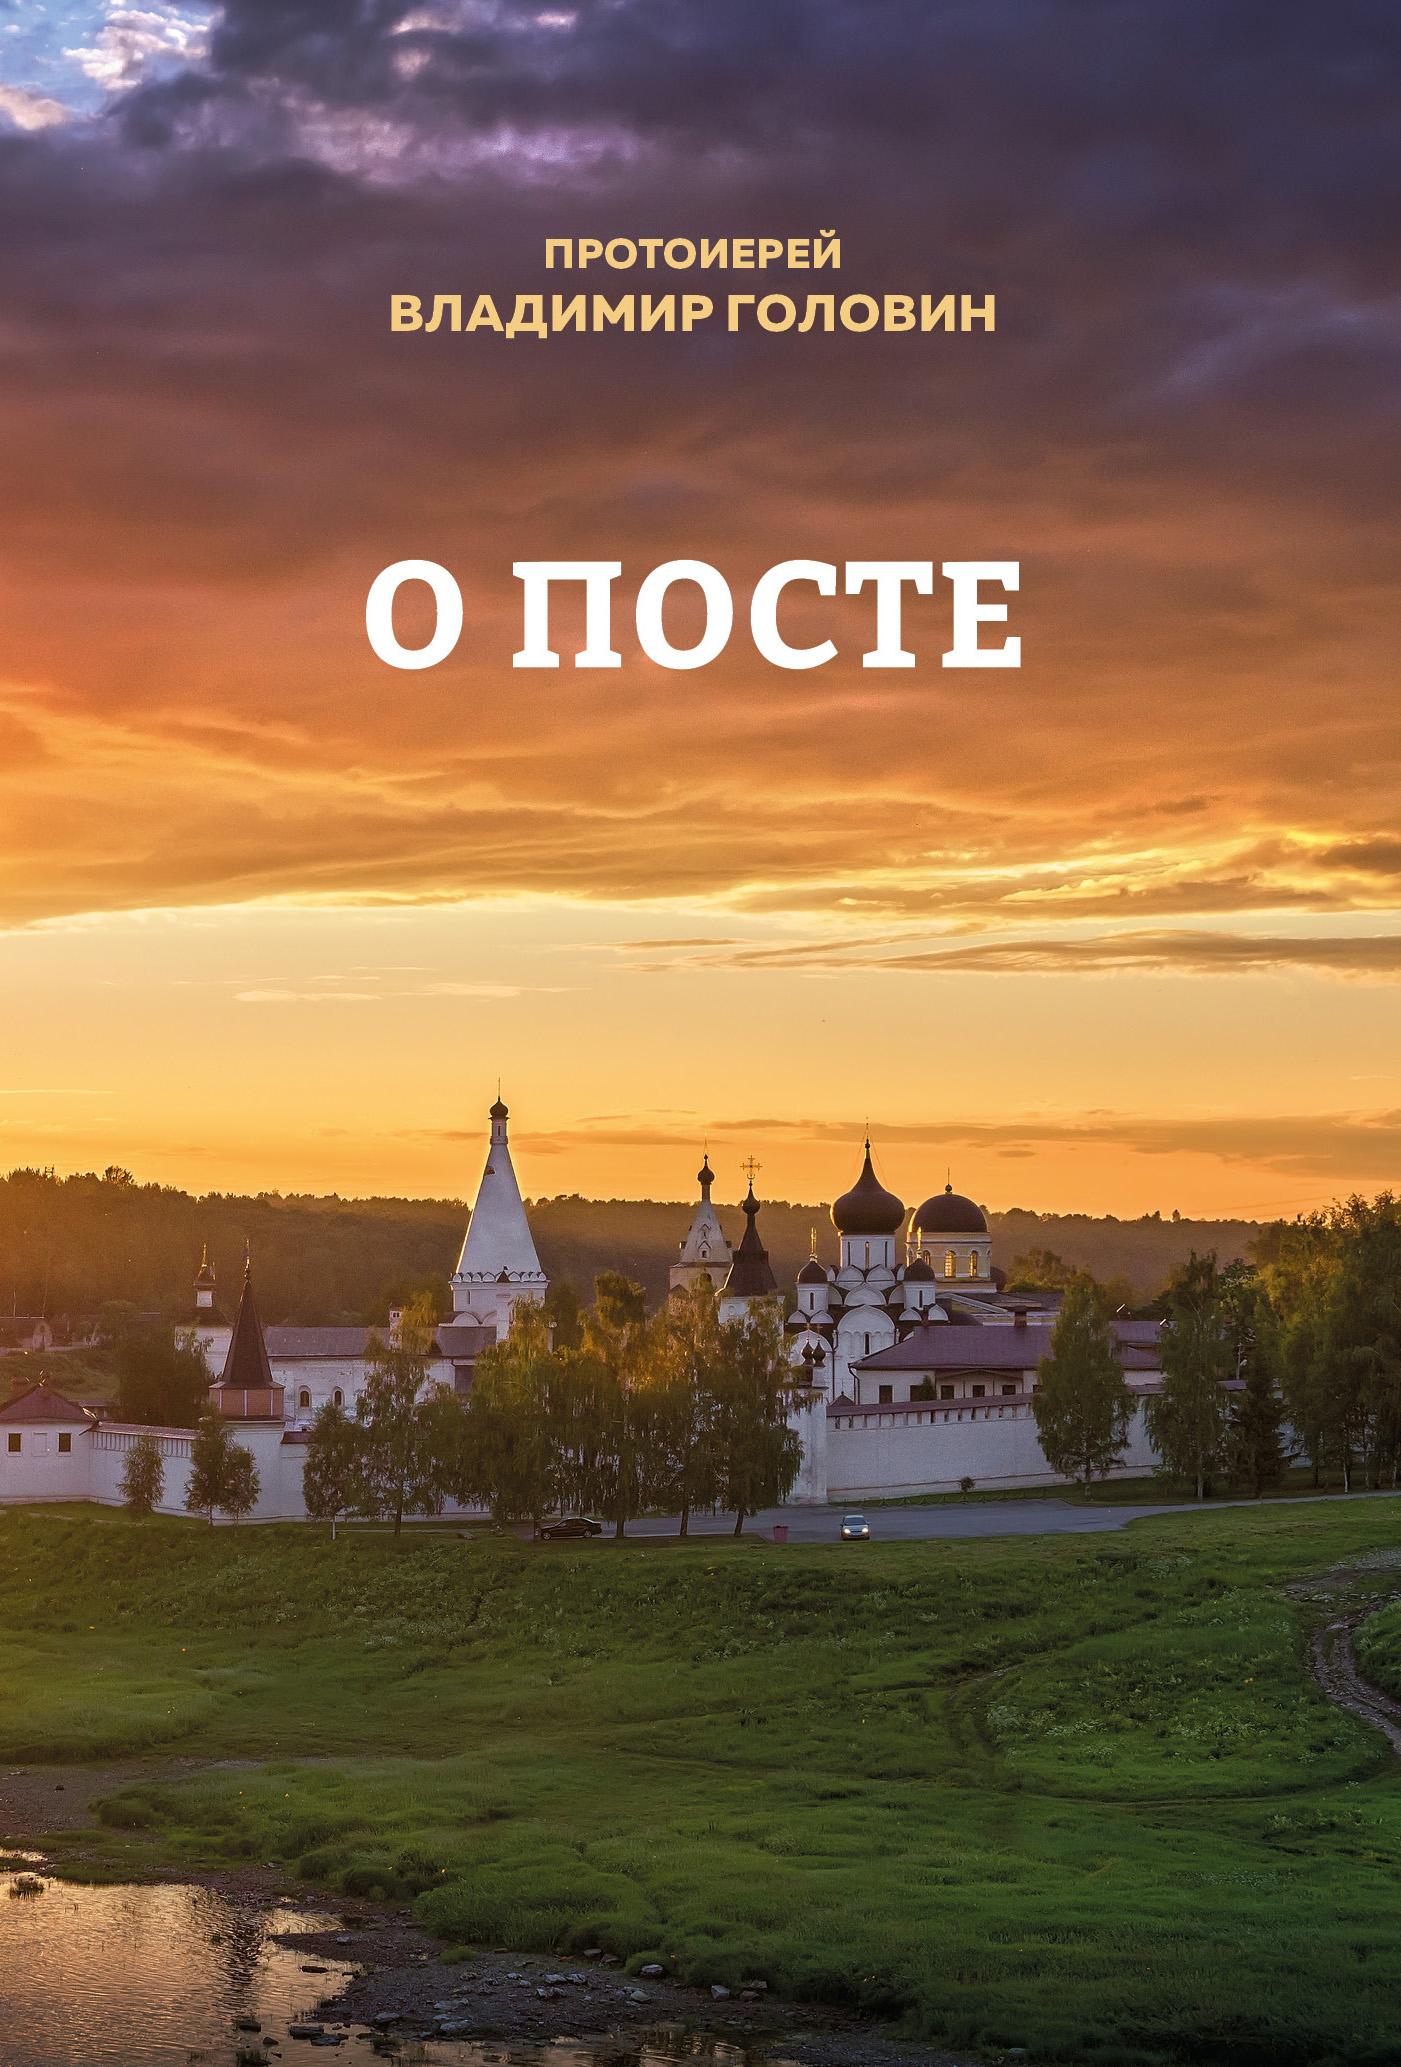 Протоиерей Владимир Головин О посте